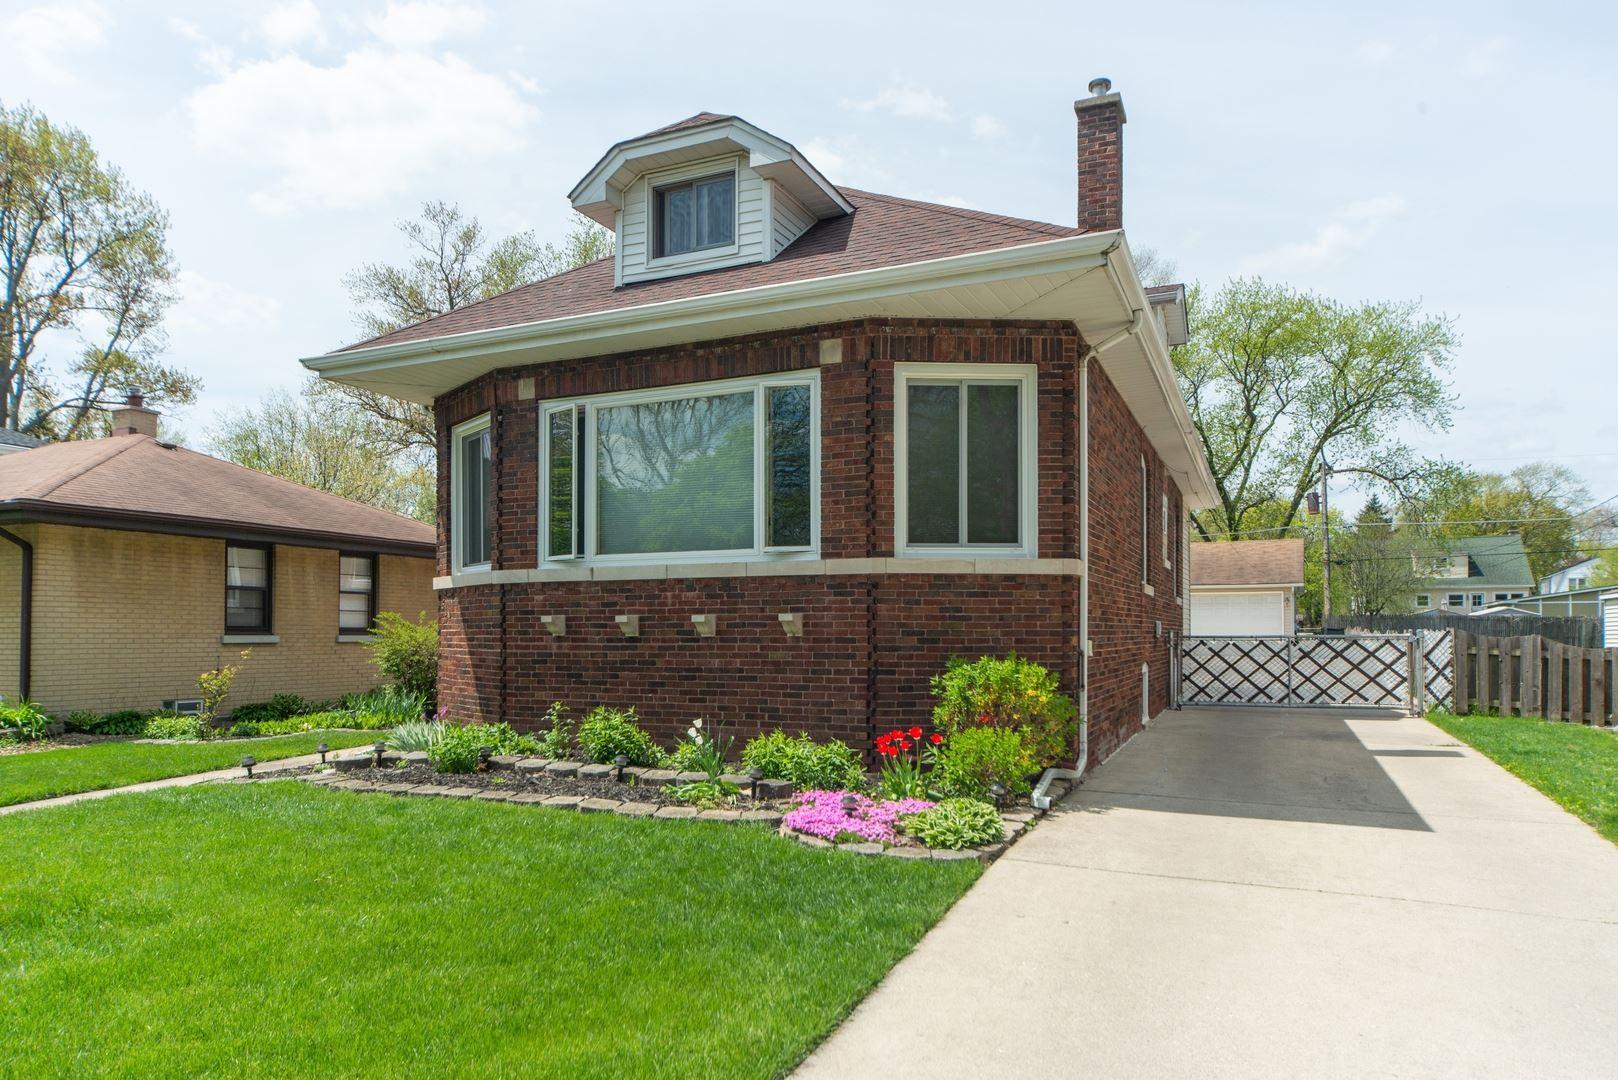 614 S Illinois Avenue, Villa Park, IL 60181 - #: 10713402